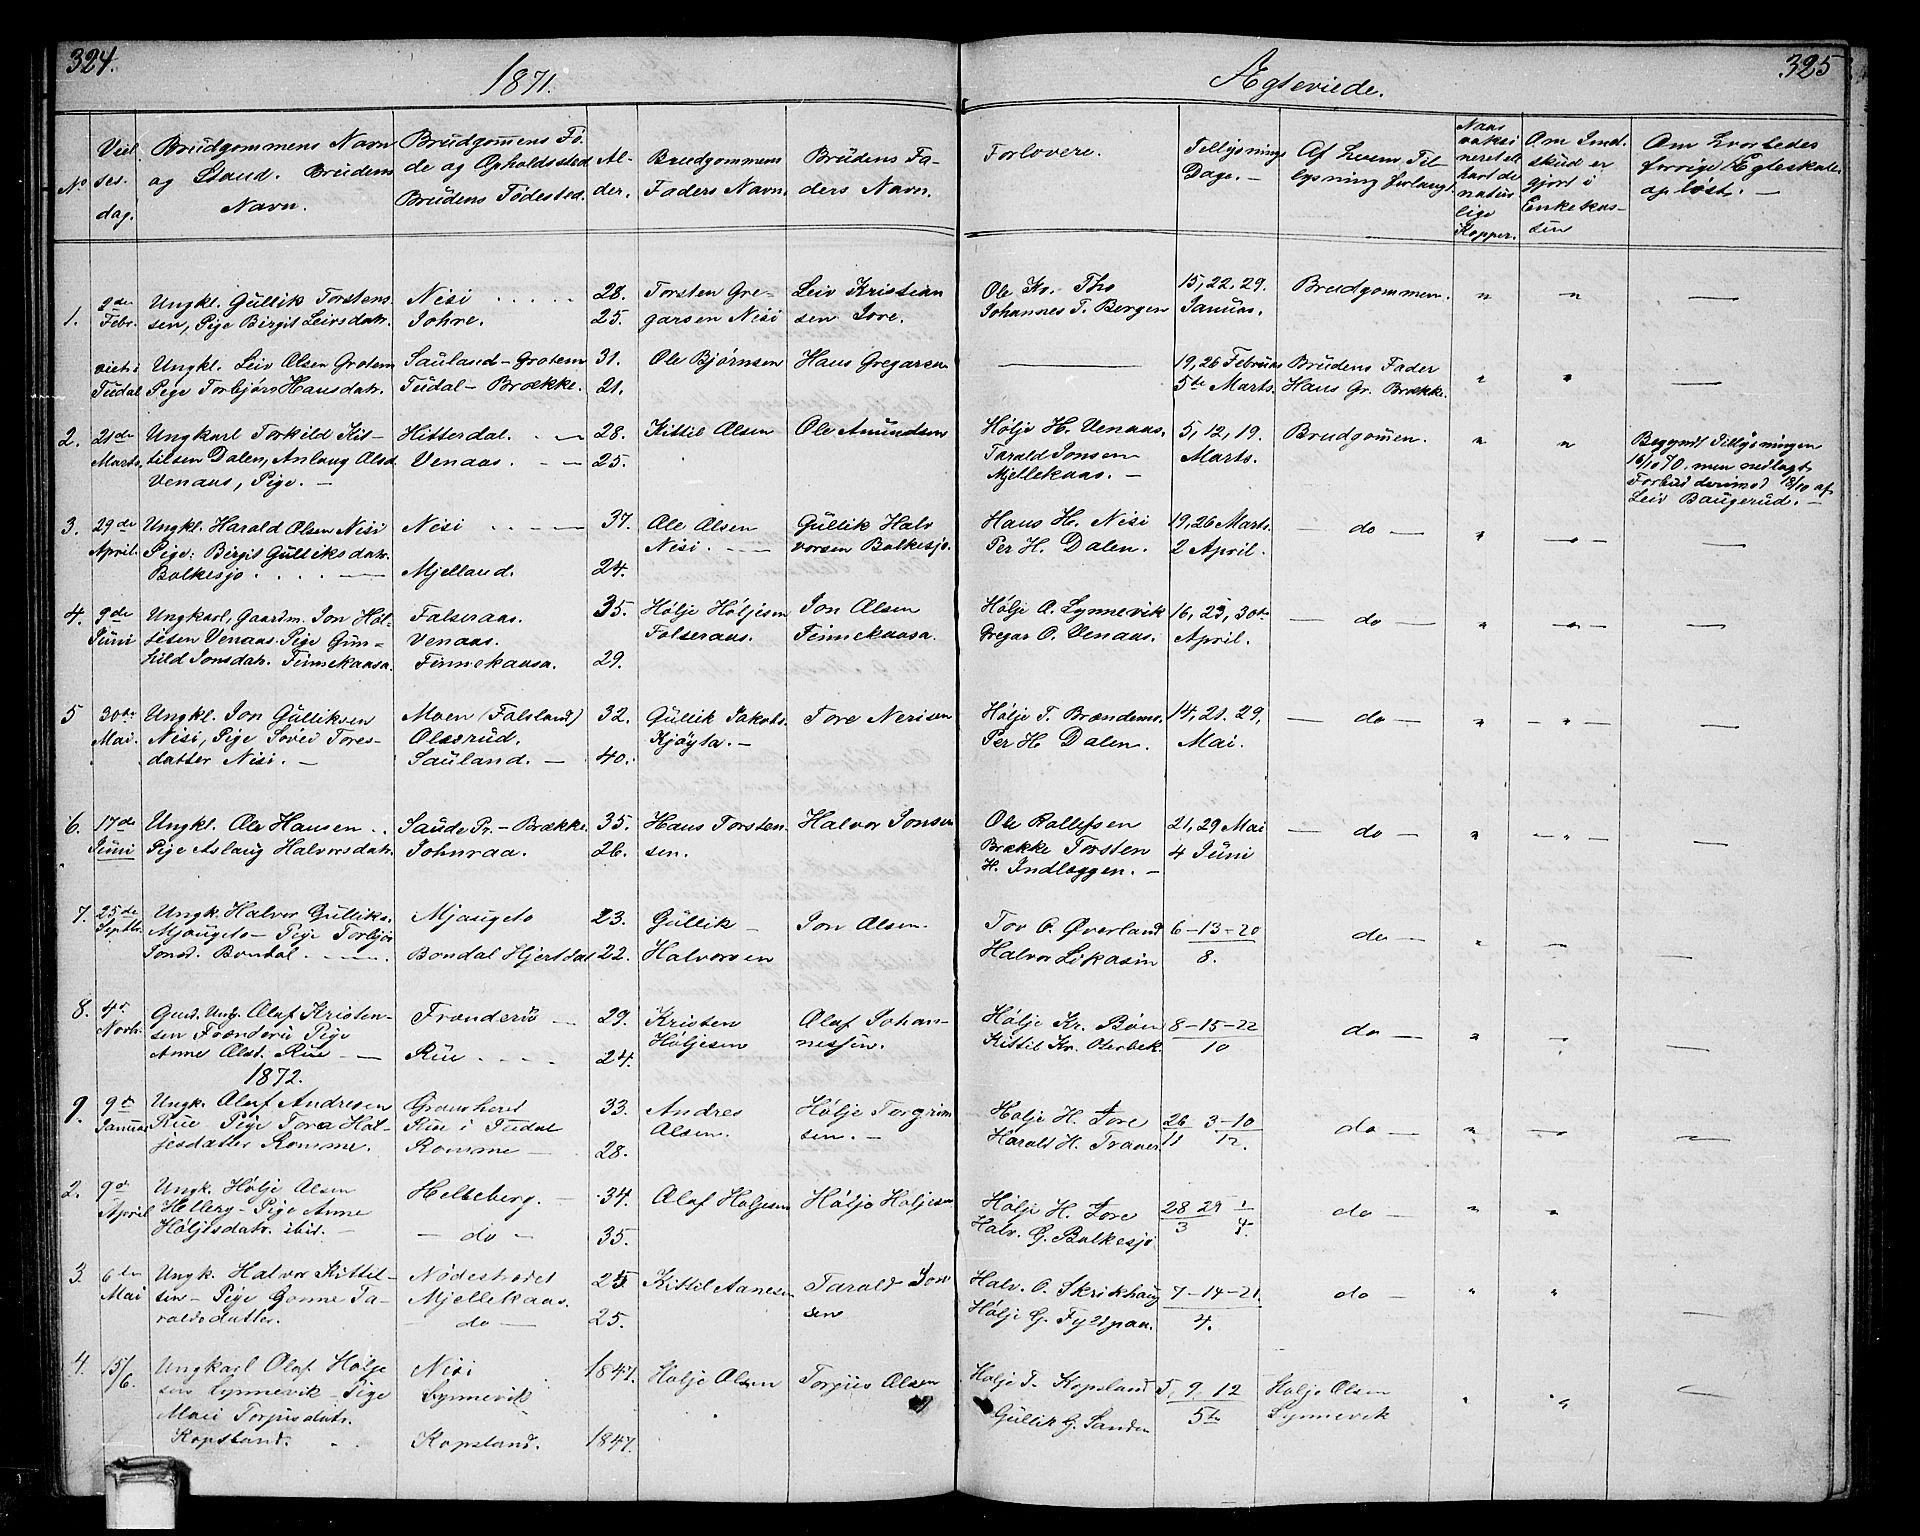 SAKO, Gransherad kirkebøker, G/Ga/L0002: Klokkerbok nr. I 2, 1854-1886, s. 324-325